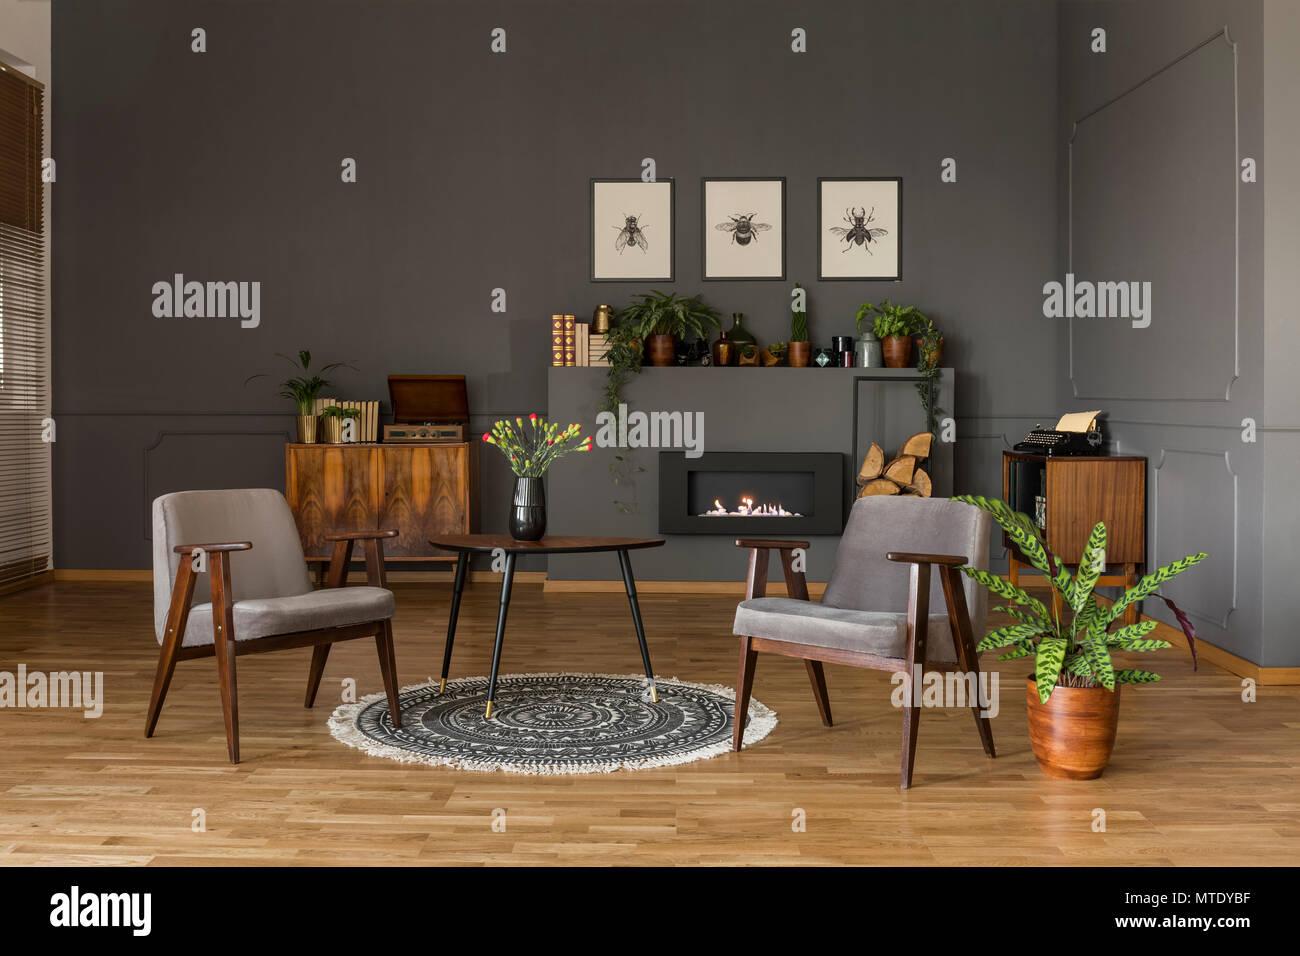 Tabelle Mit Blumen Auf Teppich Zwischen Grauen Sesseln Im Retro Look